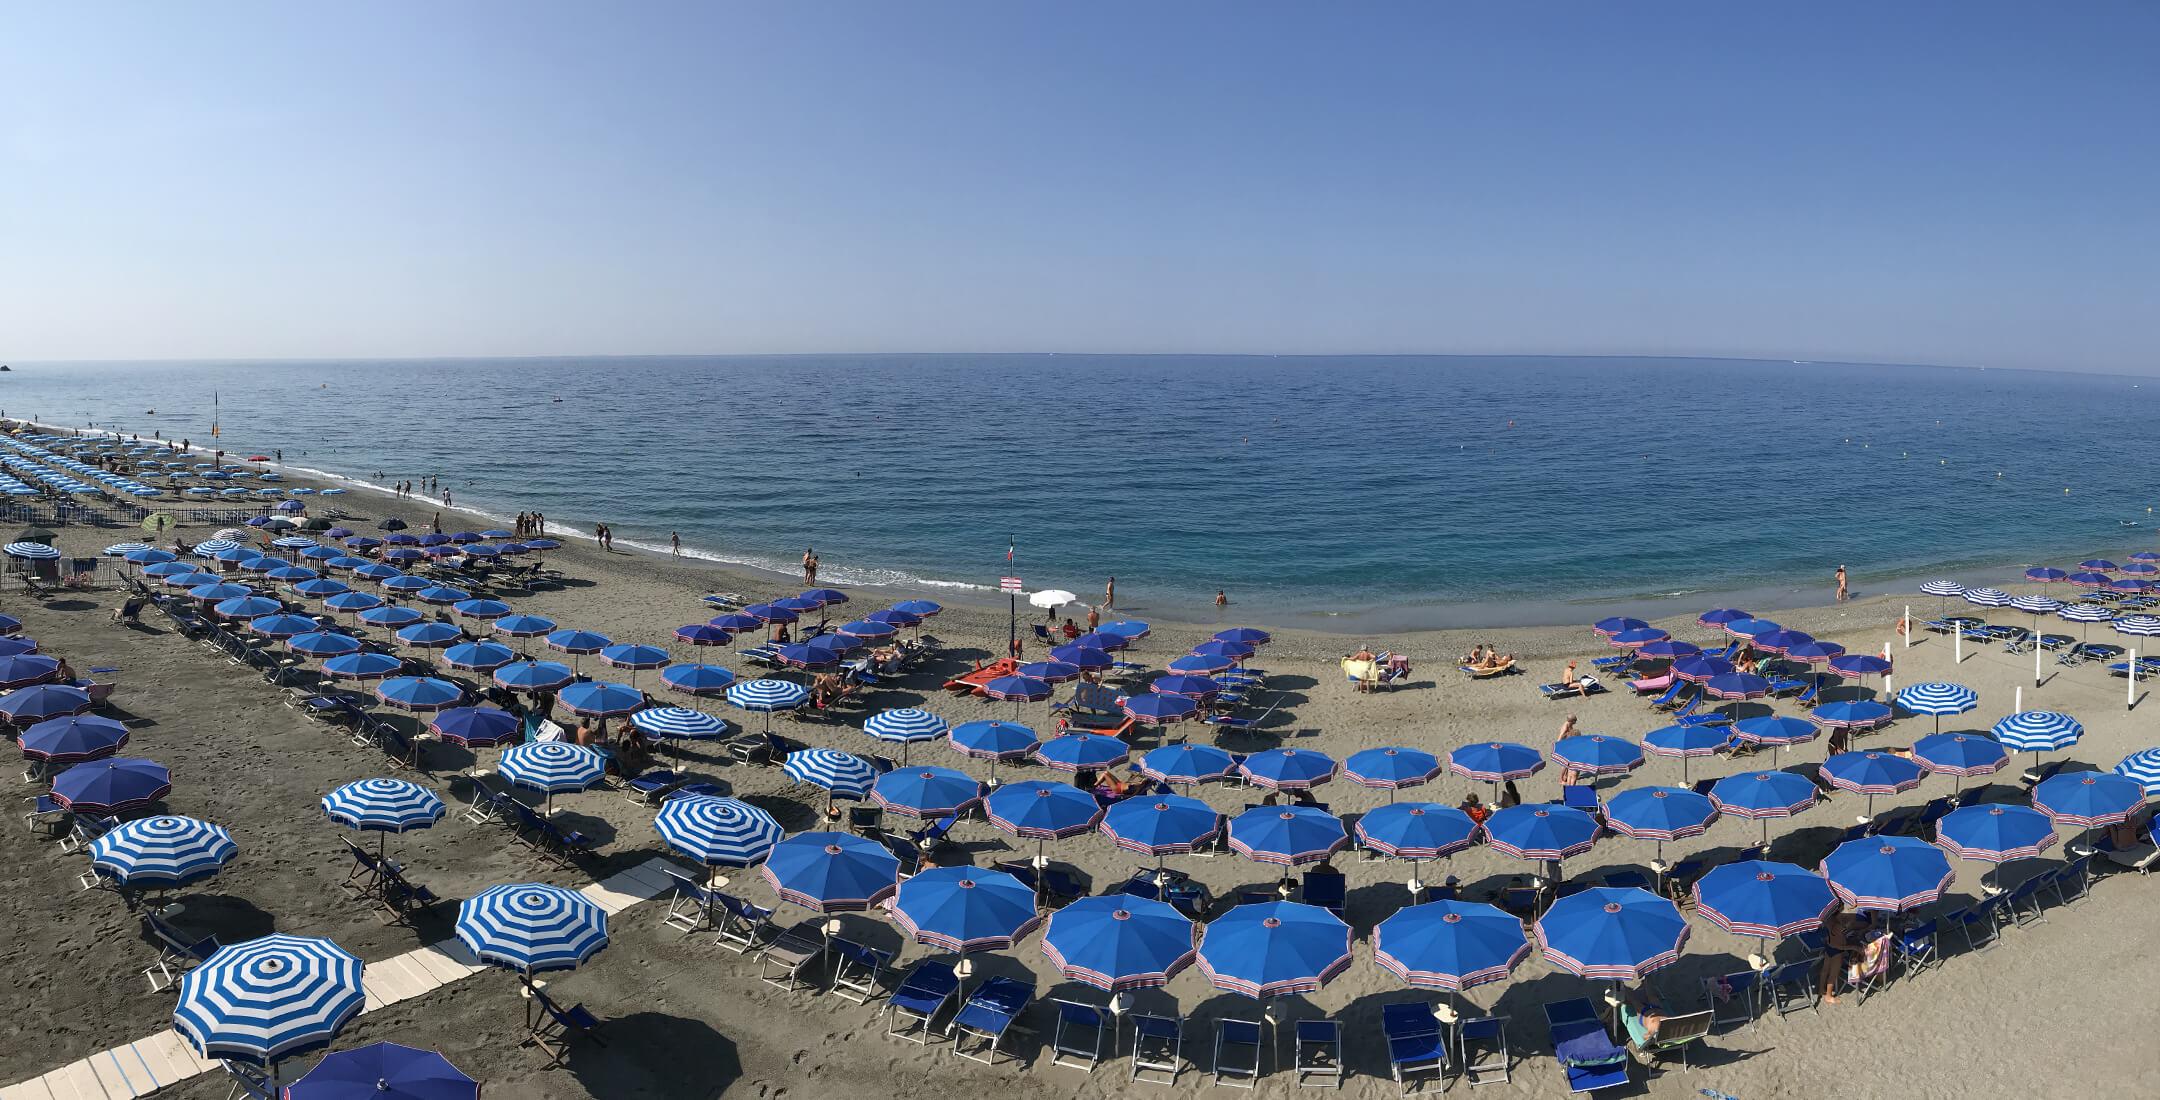 Spiaggioni di Deiva Marina